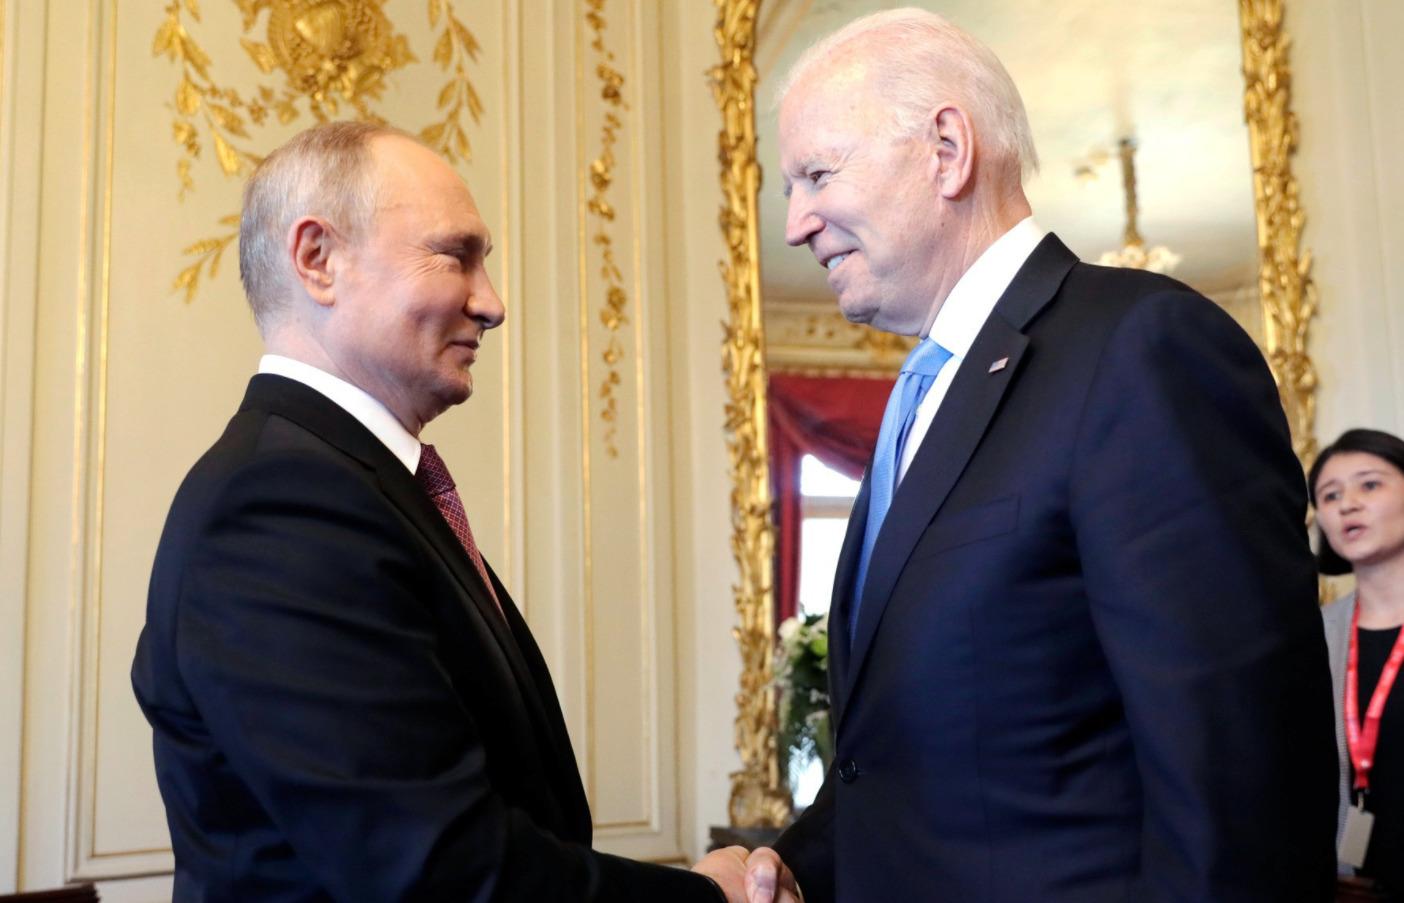 Зарницы доверия. Что рассказал Путин о своем разговоре с Байденом